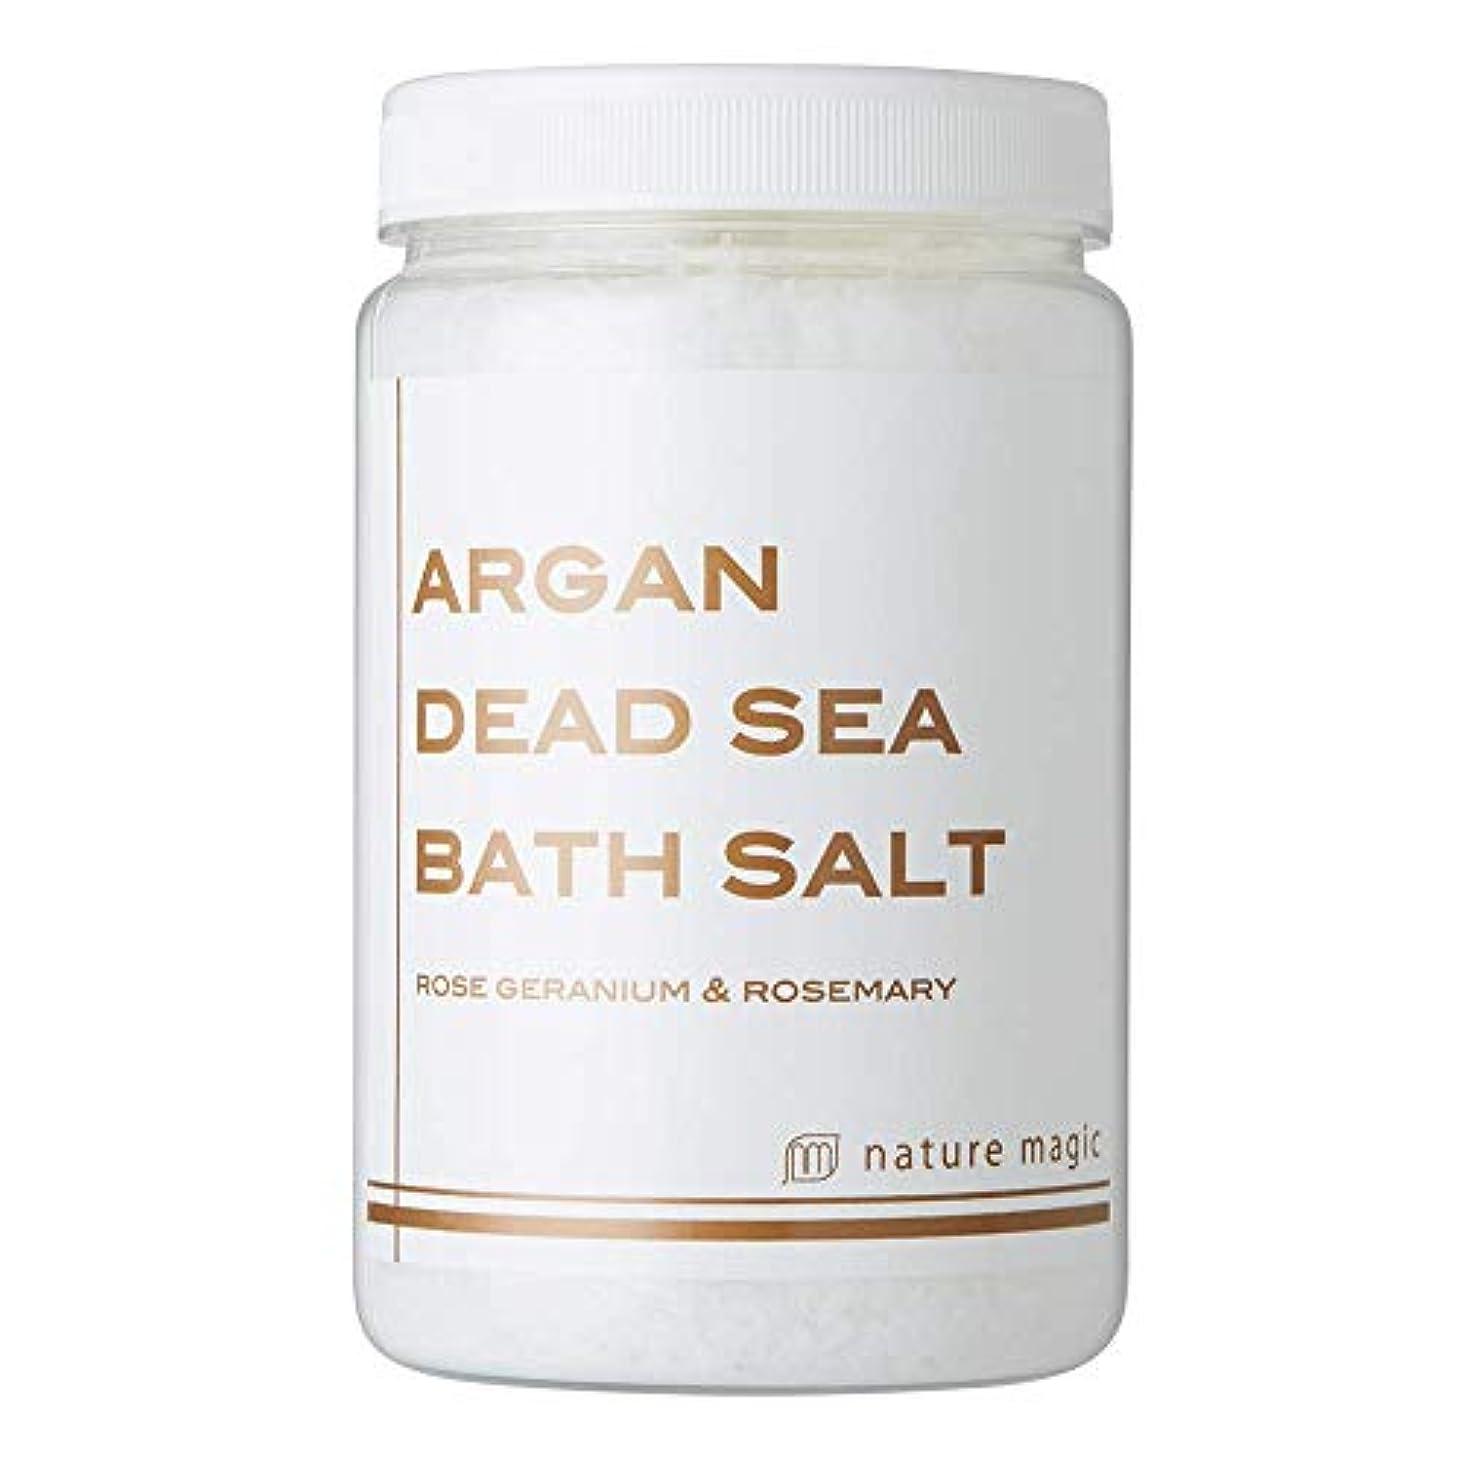 失敗きしむグリーンバック【死海の天然塩にアルガンオイルを配合した全身ポカポカ、お肌つるつる入浴剤】アルガンデッドシーバスソルト